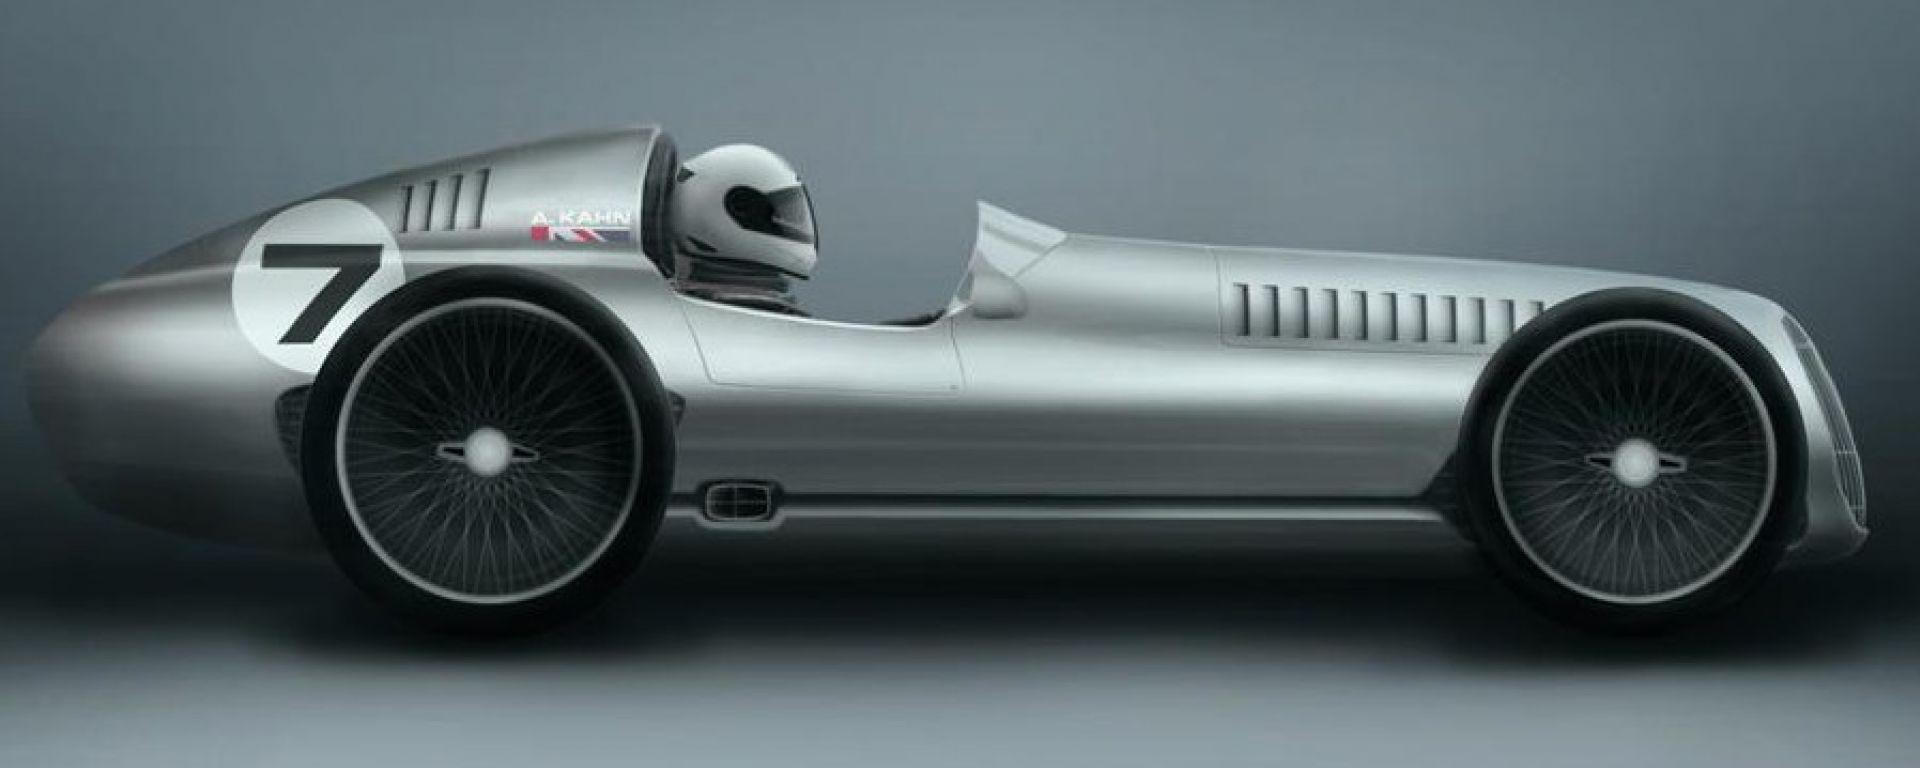 Speed 7 by Kahn Design